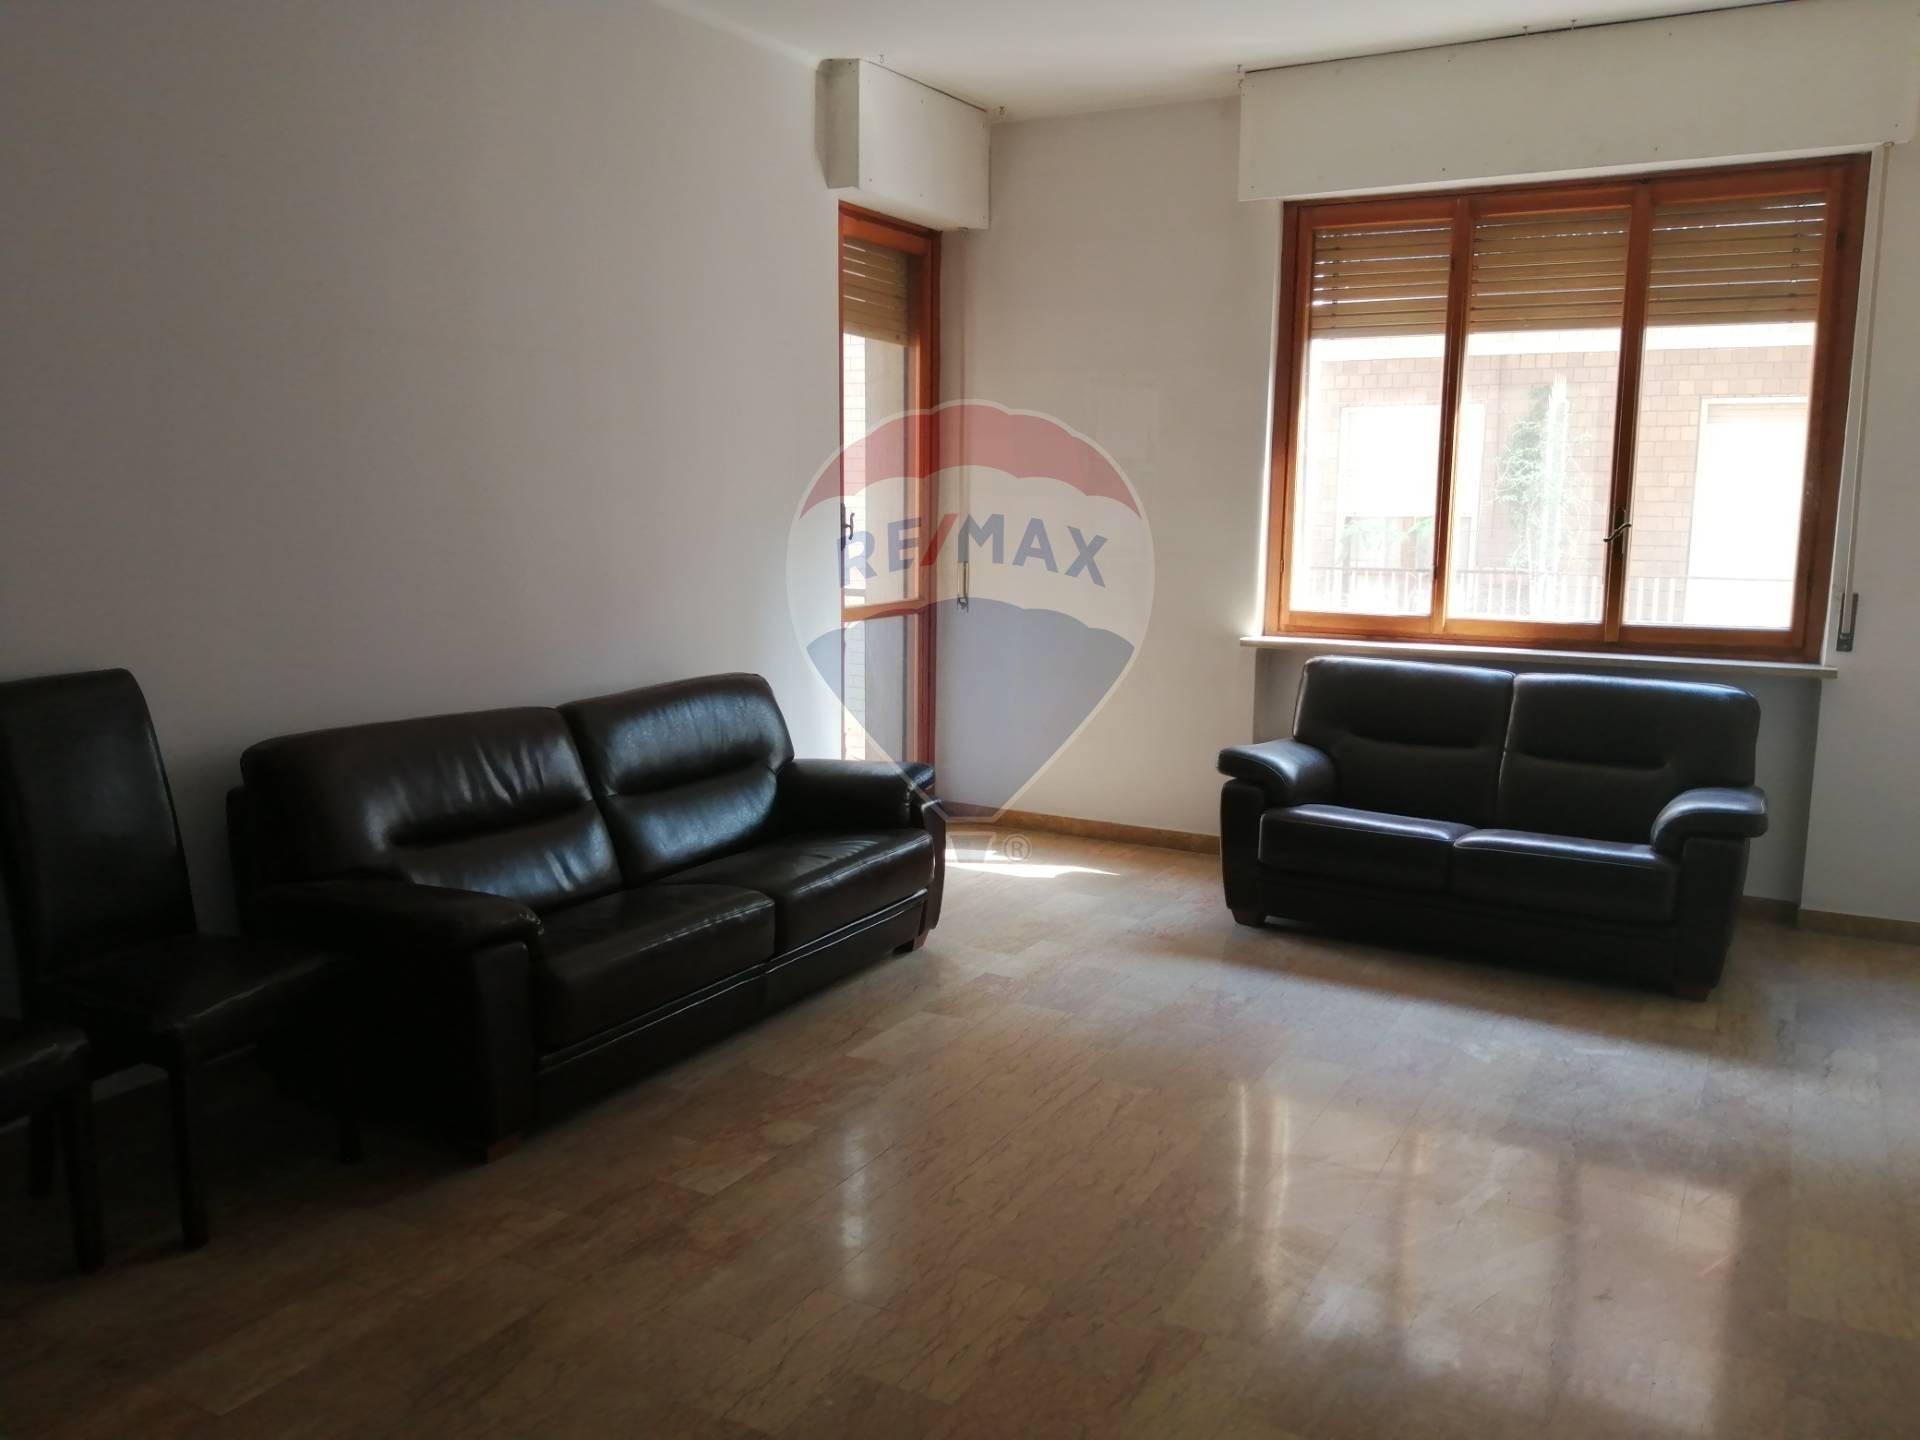 Appartamento in affitto a Alessandria, 3 locali, zona Località: Centro-P.zzaGaribaldi, prezzo € 550   CambioCasa.it